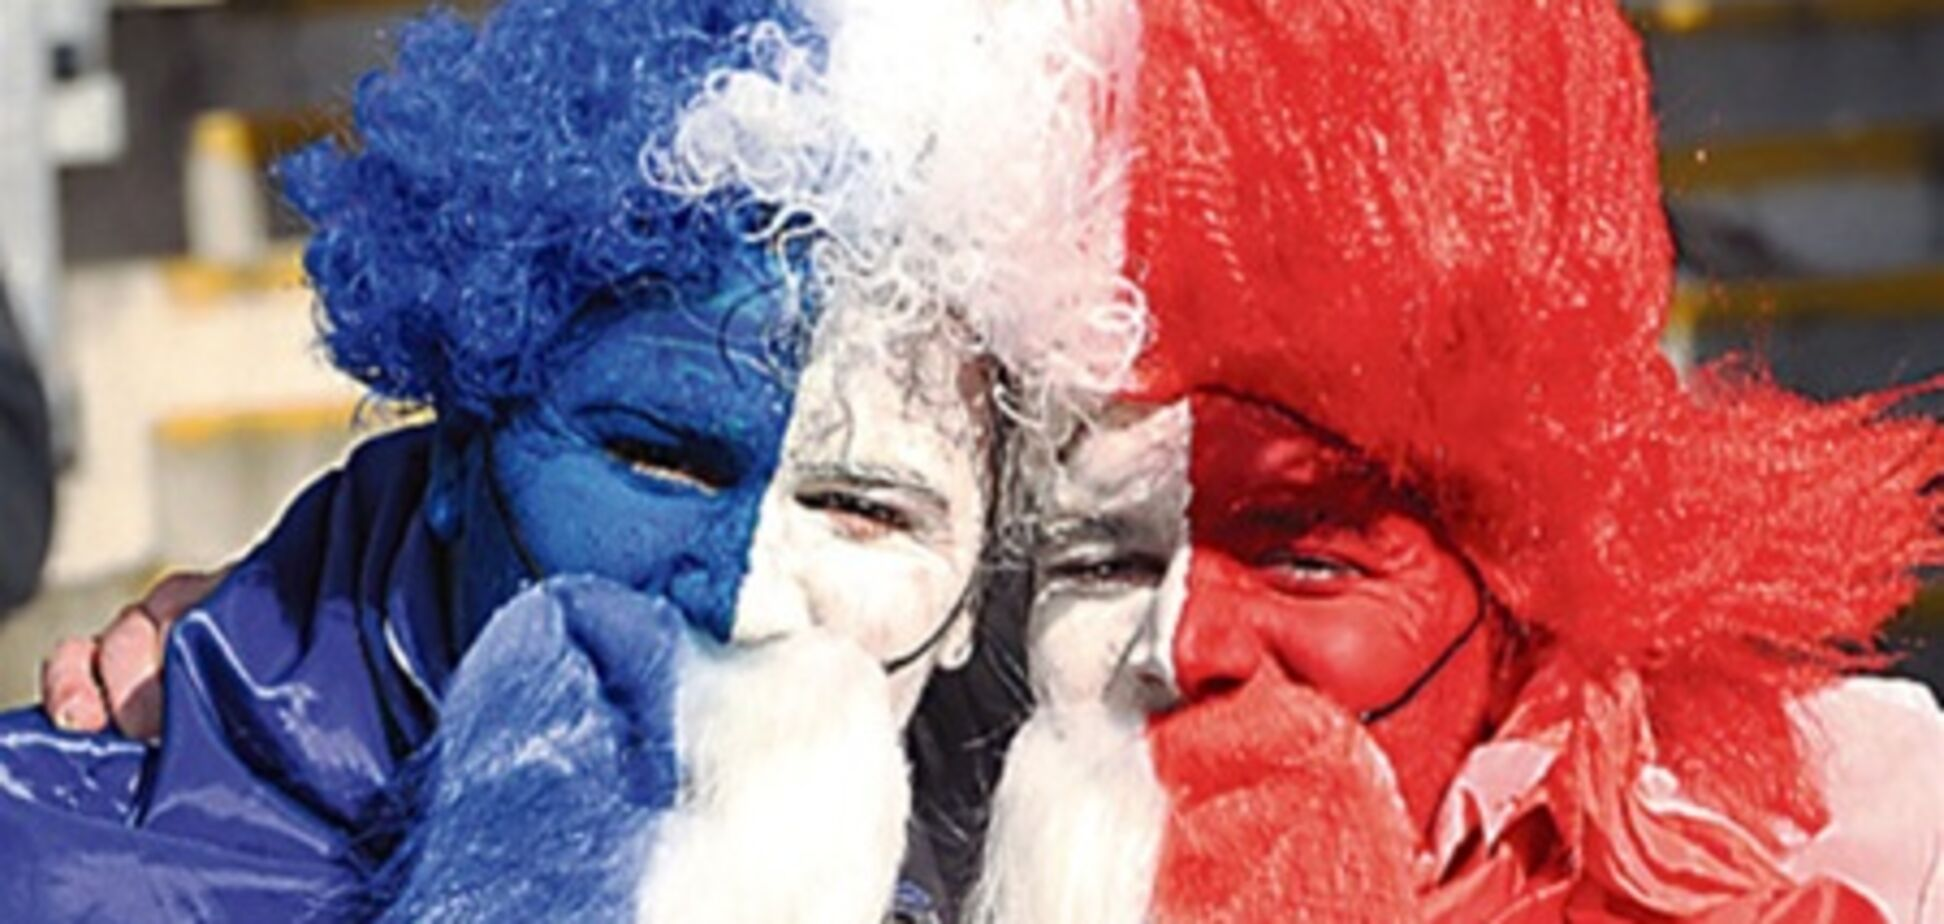 Как болеют в мире: от спайдермена до бороды. Фото